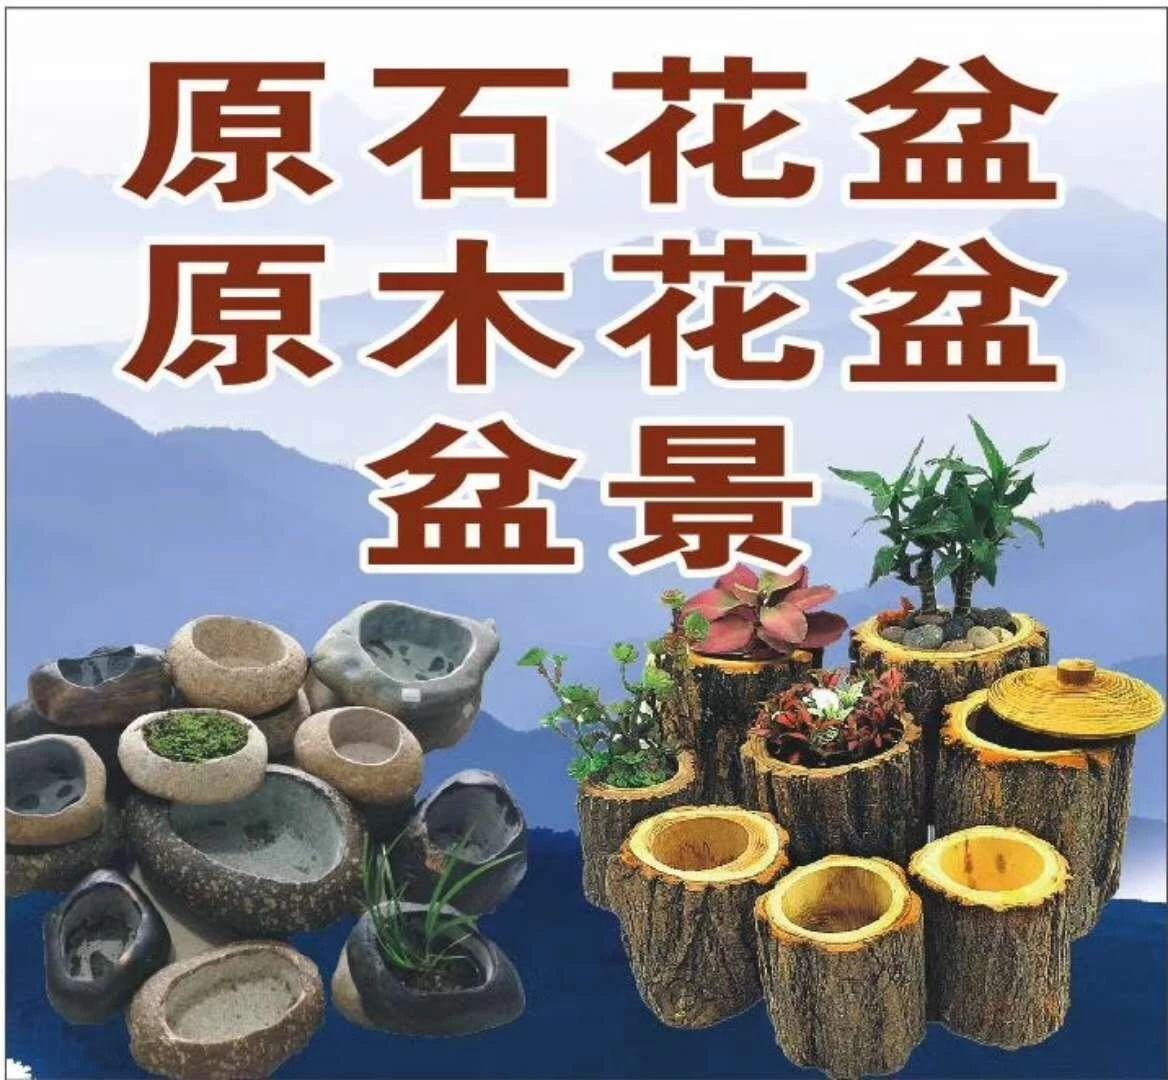 秦岭的生态农庄餐饮+自助烧烤+团体会议+柴火鸡